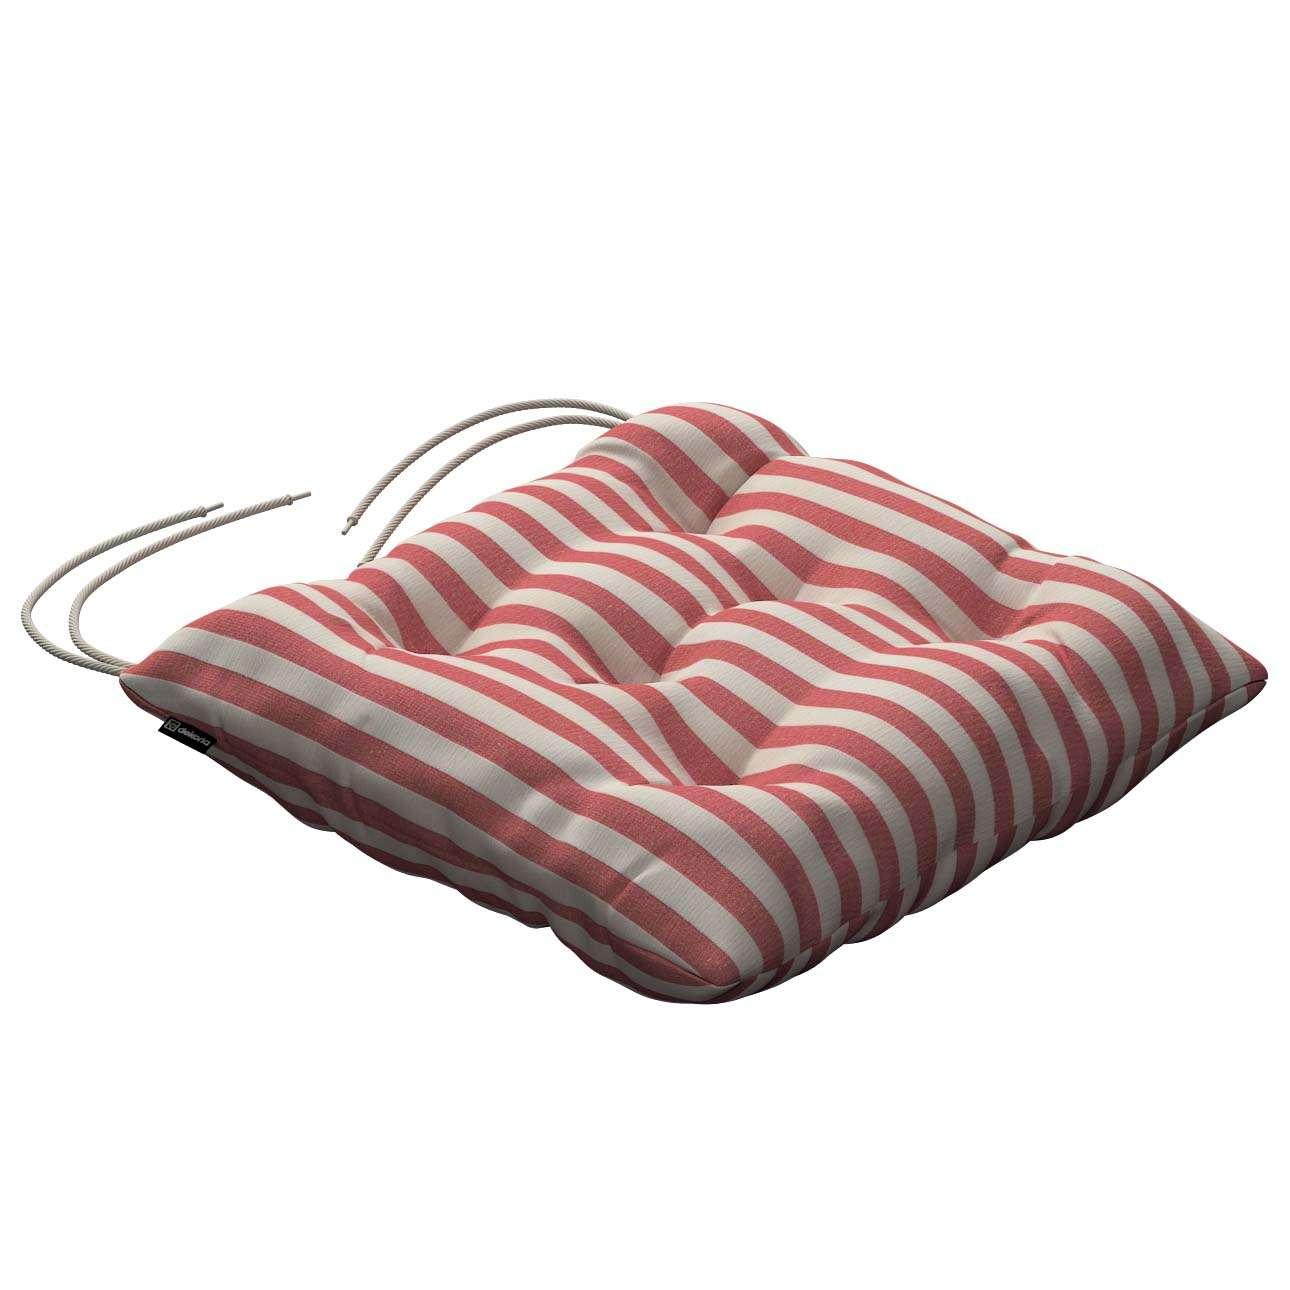 Siedzisko Jacek na krzesło 40x40x8cm w kolekcji Quadro, tkanina: 136-17